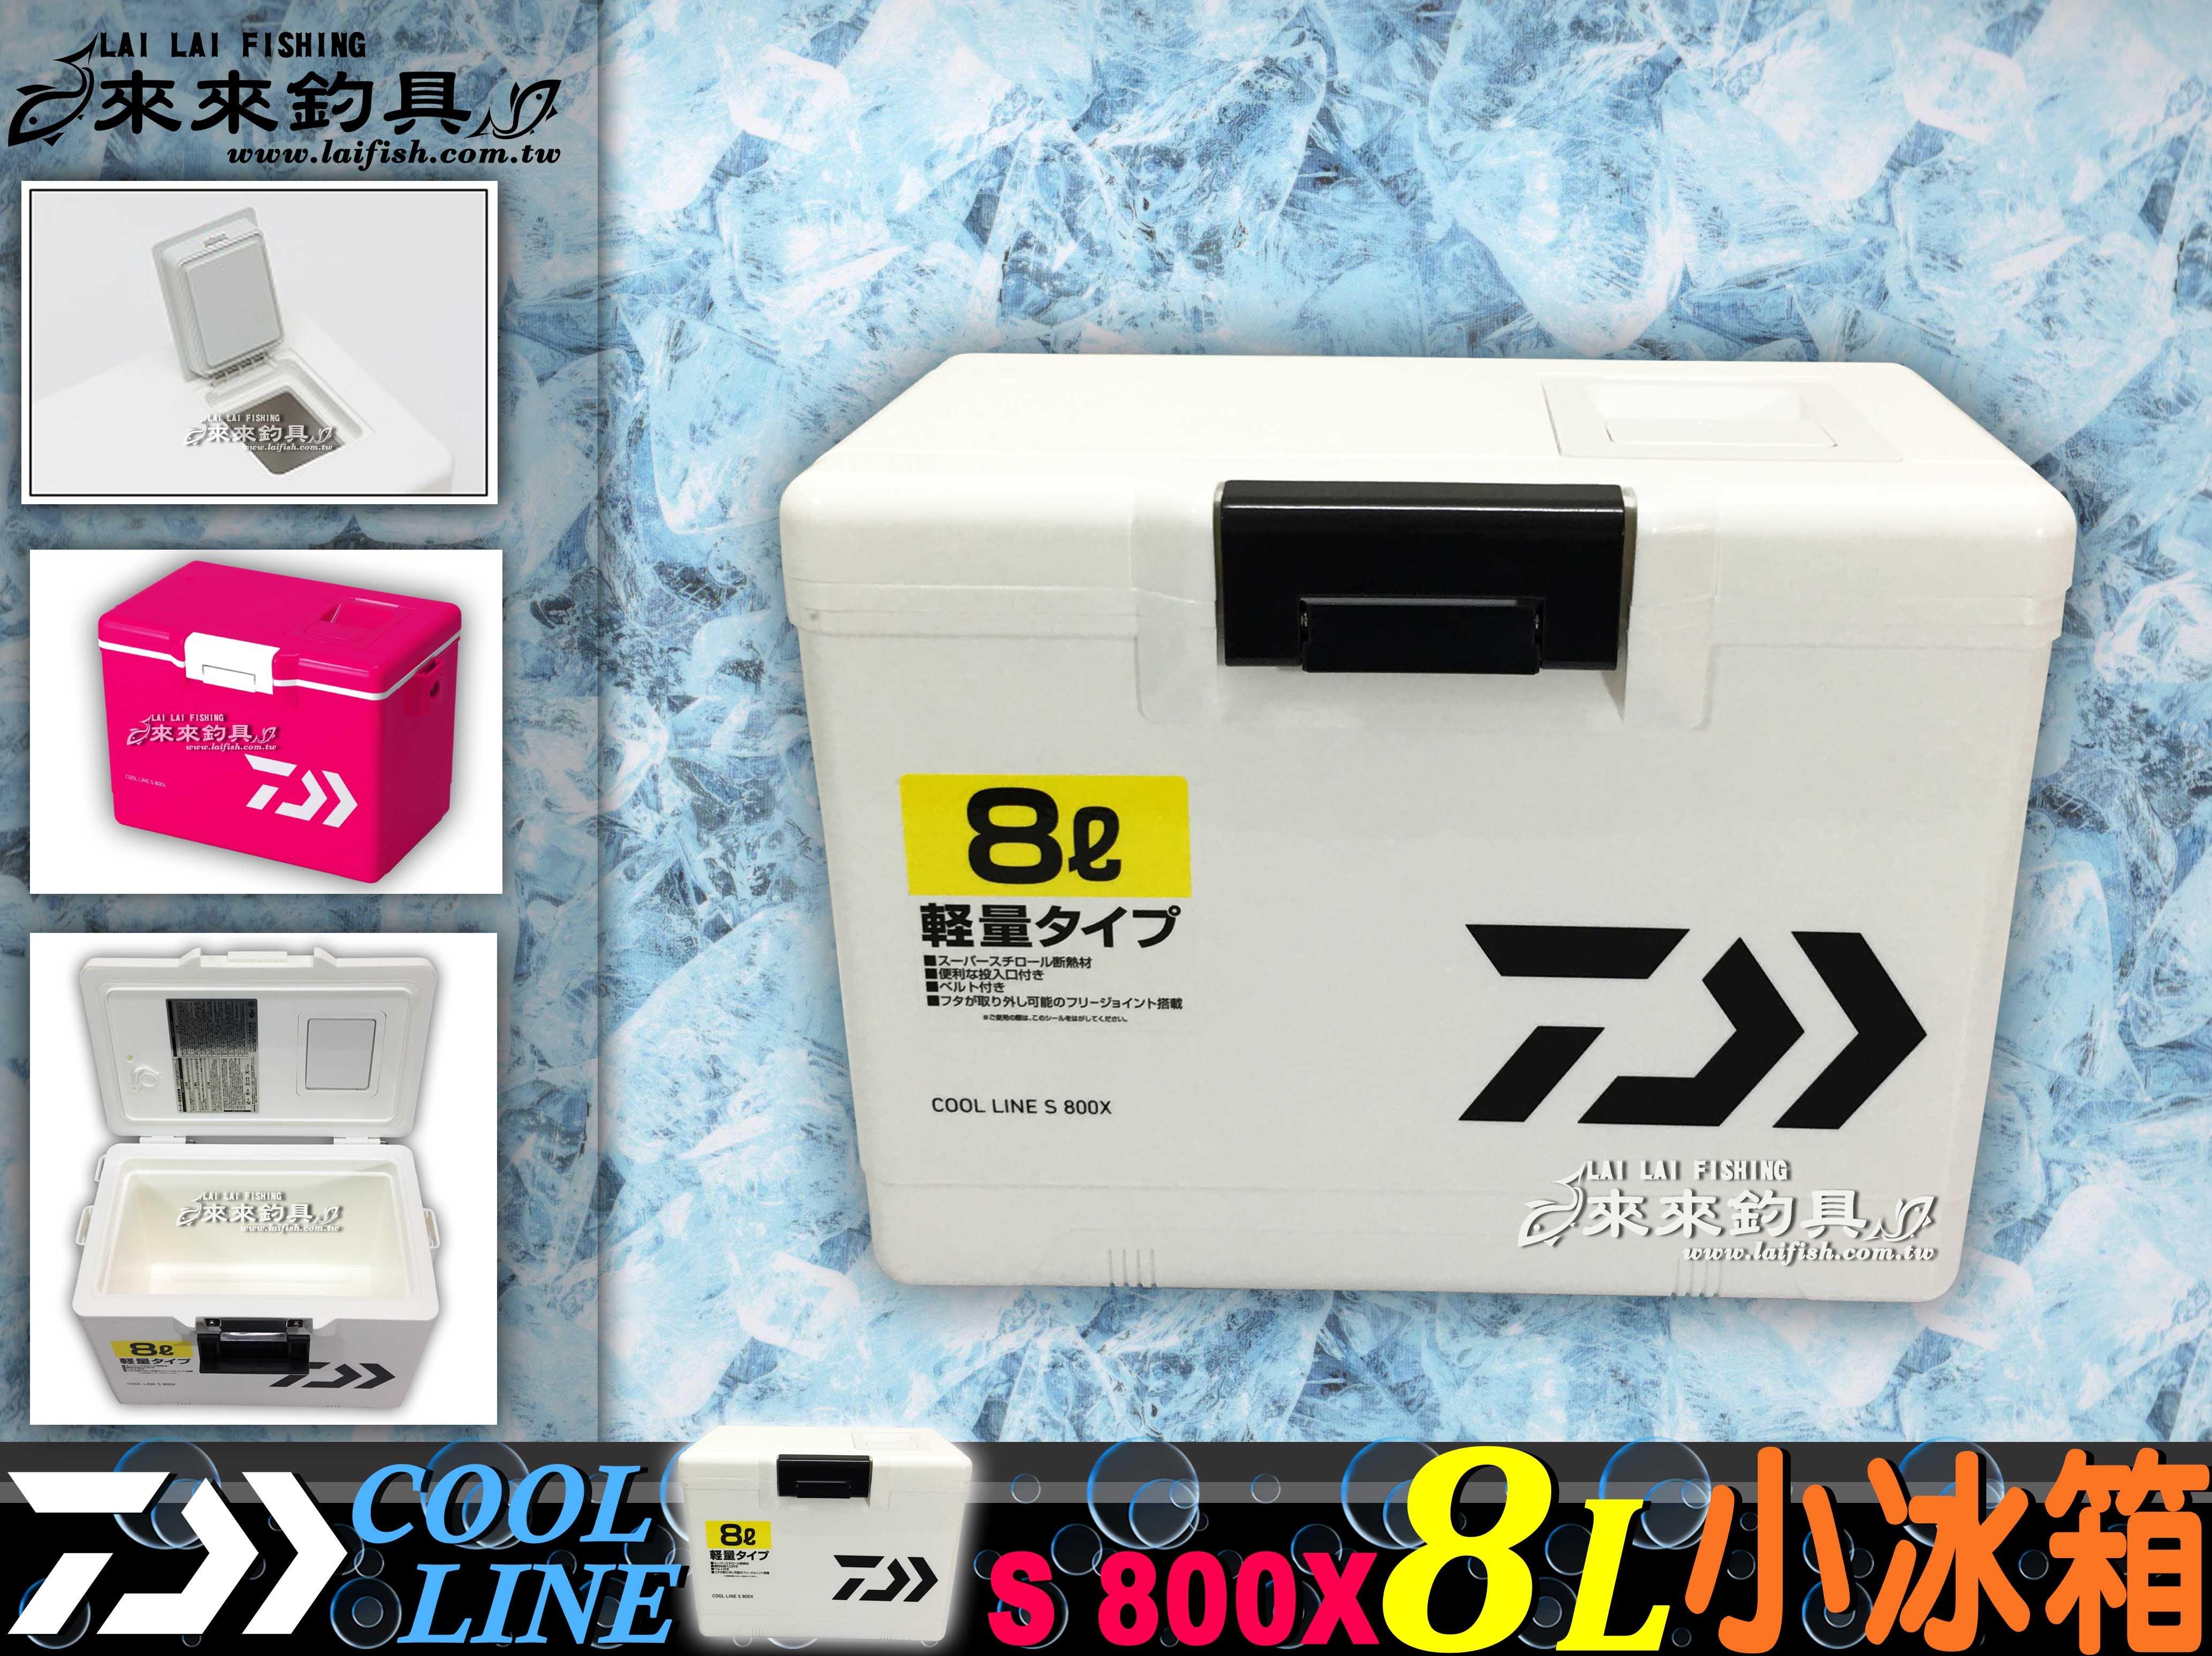 【來來釣具量販店】DAIWA  COOL LINE S 800X  8L 小冰箱 (白色現貨)